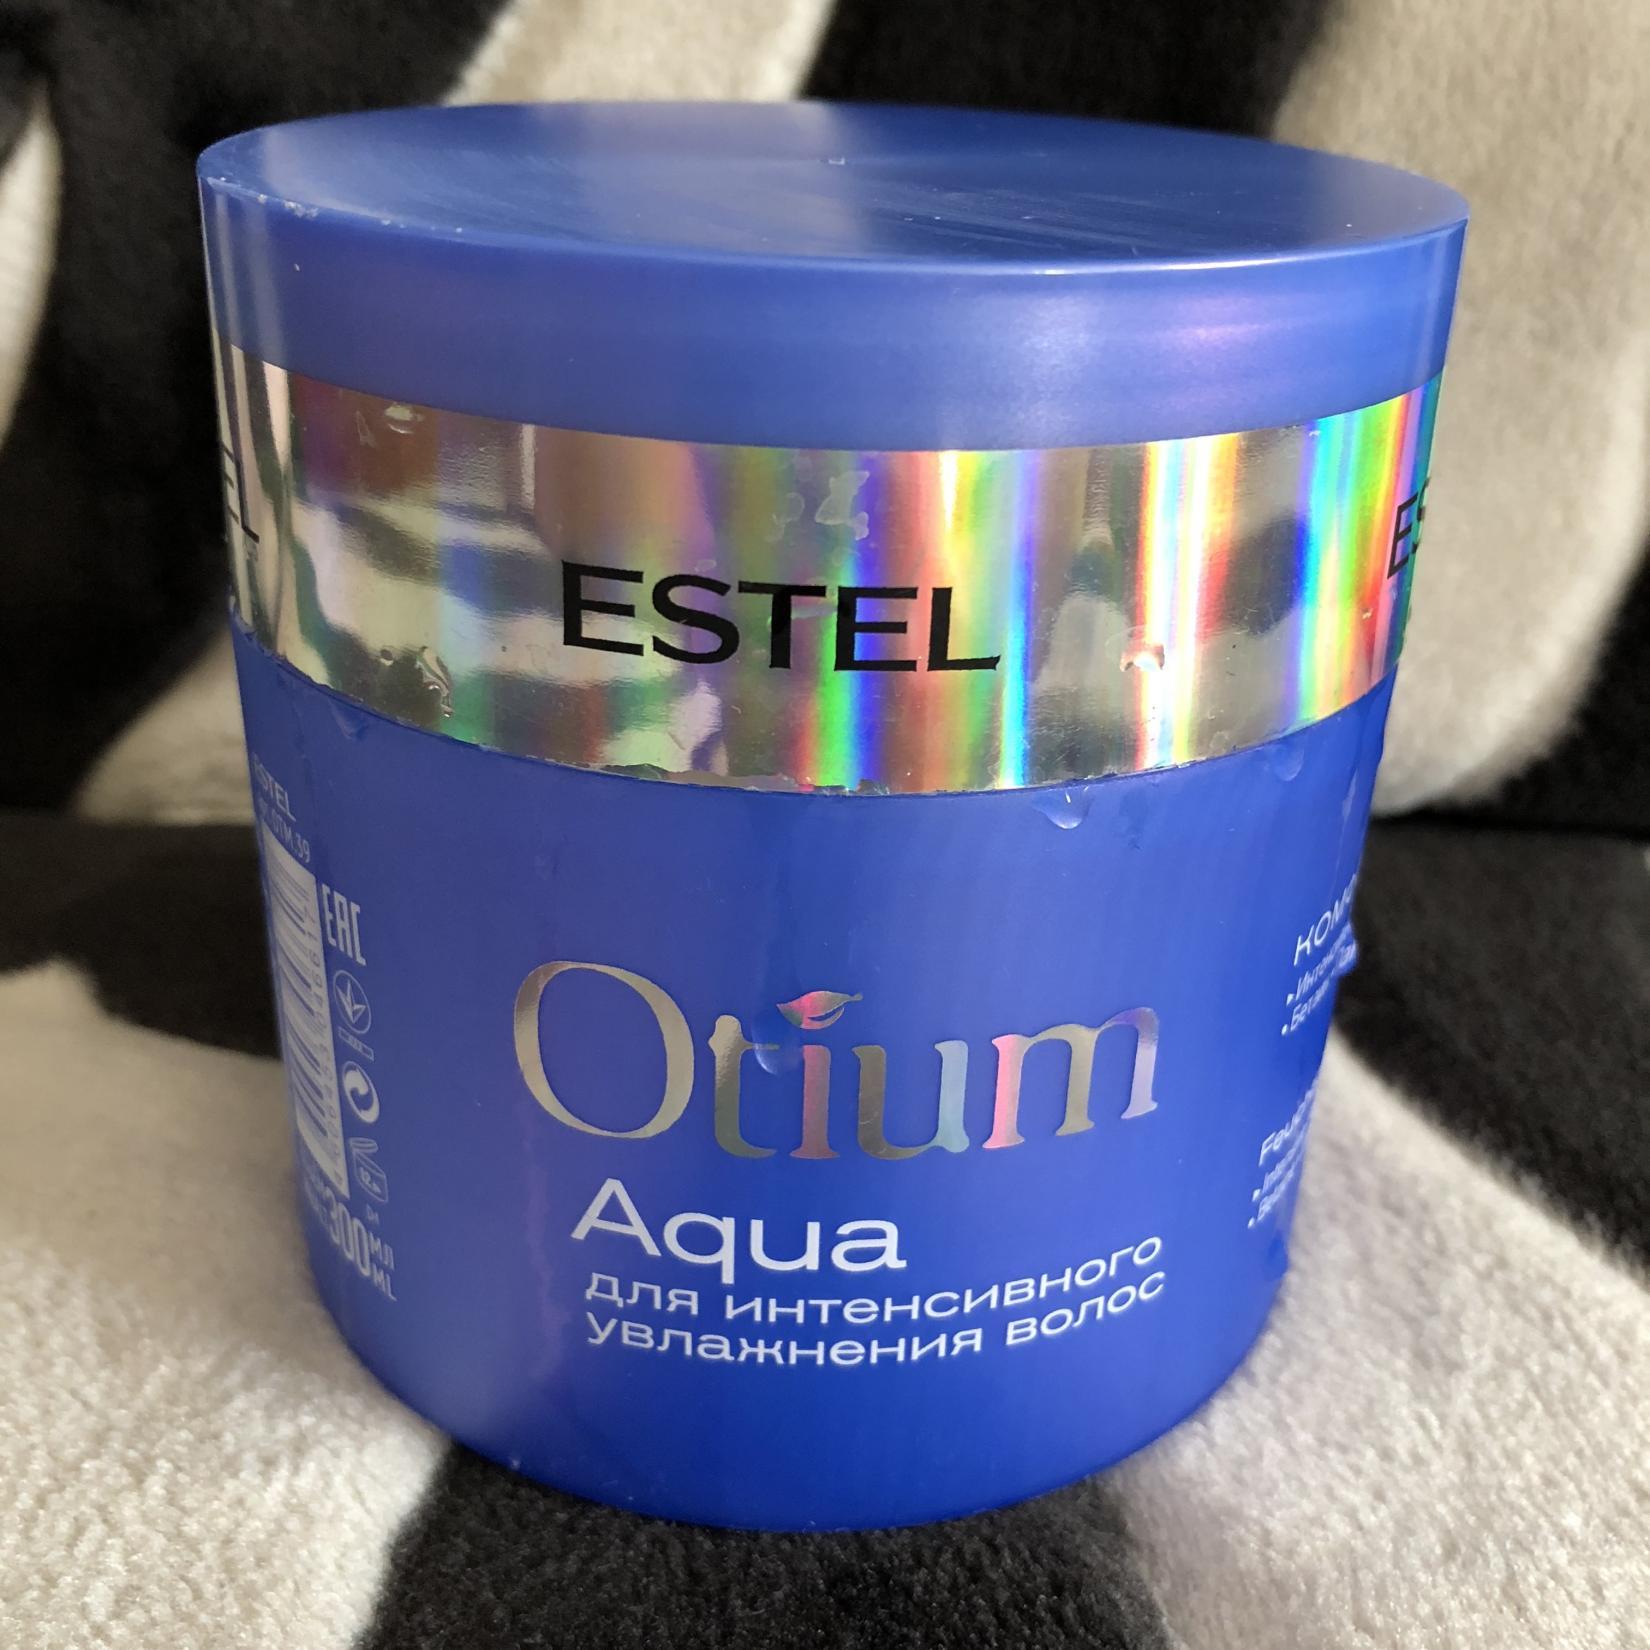 Маска Estel Otium Aqua для интенсивного увлажнения волос